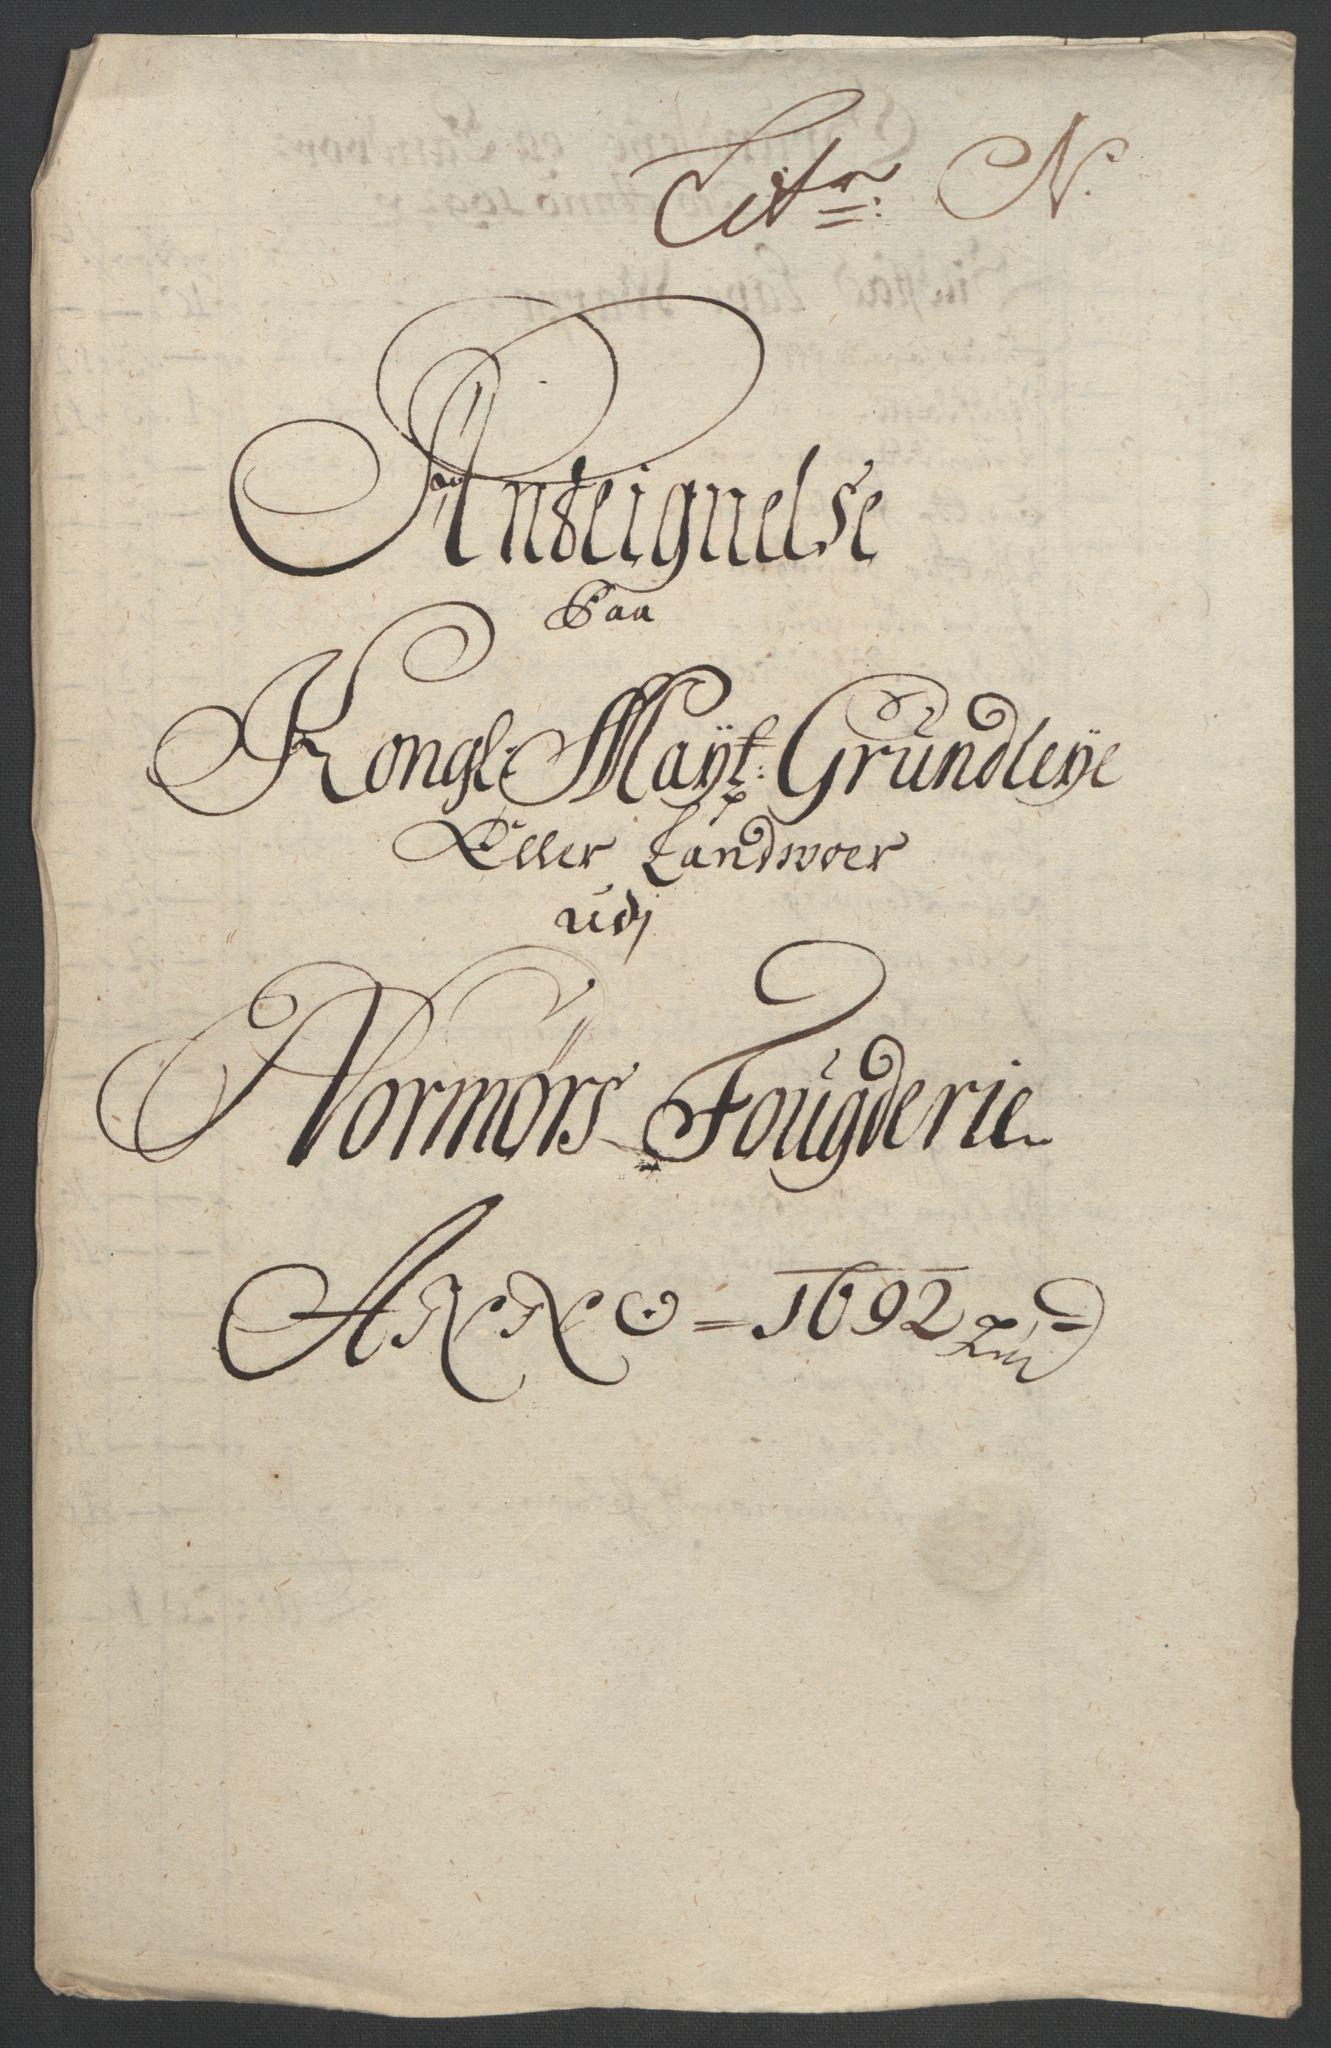 RA, Rentekammeret inntil 1814, Reviderte regnskaper, Fogderegnskap, R56/L3735: Fogderegnskap Nordmøre, 1692-1693, s. 165